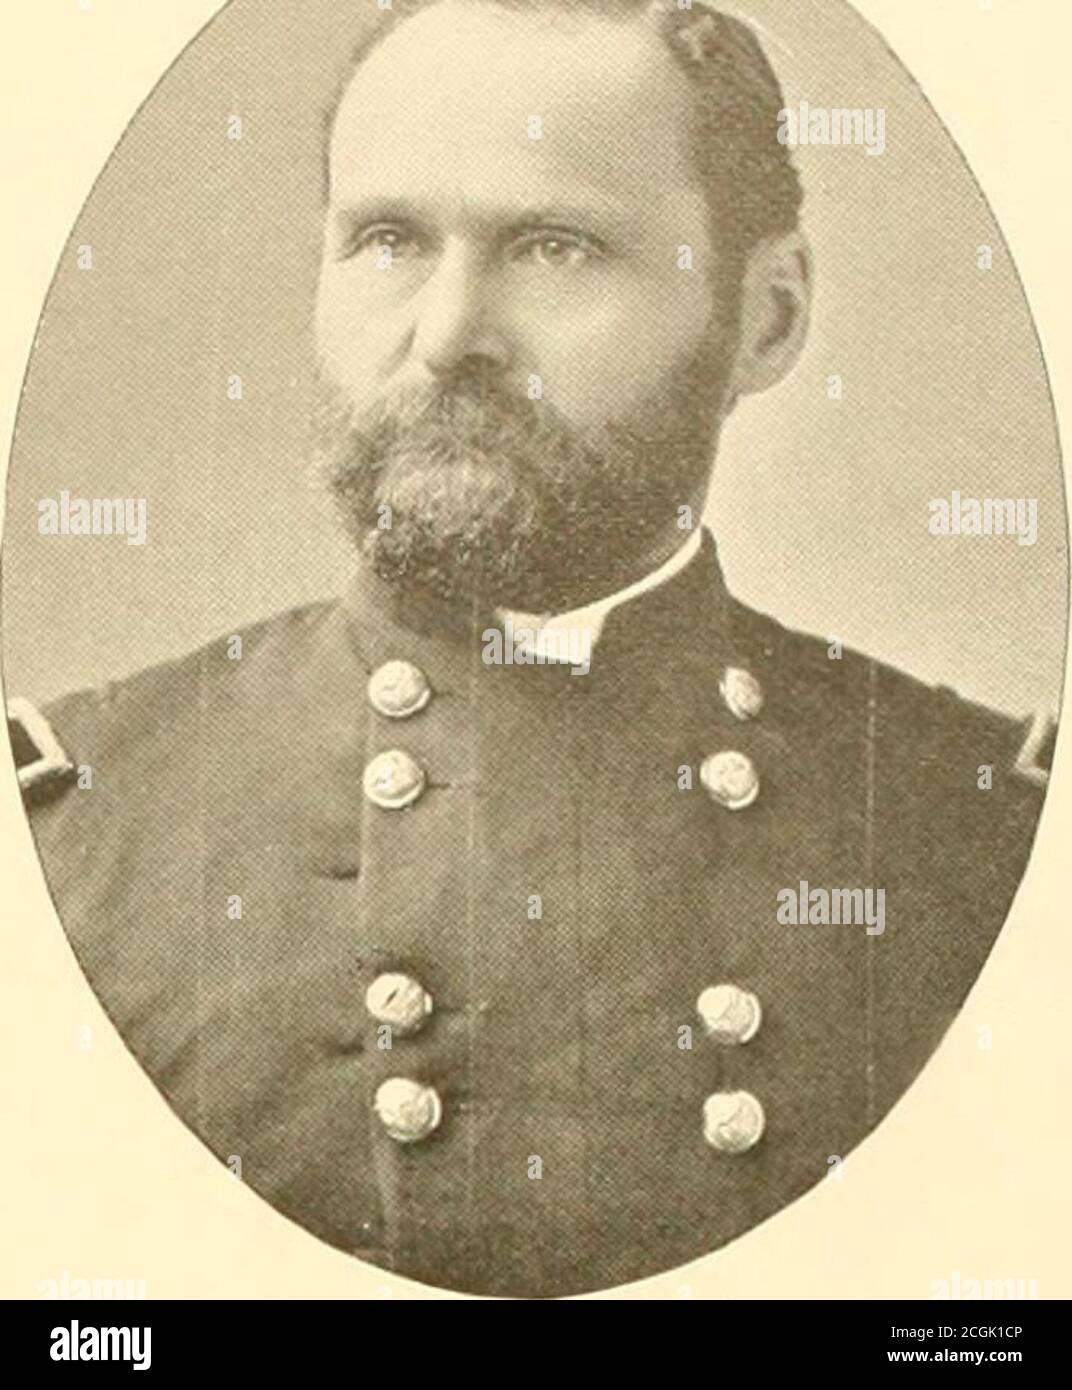 . Oficiales del Ejército y de la Marina (regulares y voluntarios) que sirvieron en la Guerra Civil. BKH;AlHEi;-(.IKM;KAL AM) l>l;i:VI:l mal(H;-(ii:NEUAL CiiiuMciiiiiEi: C AtGUU, r.S.S.. Foto de stock